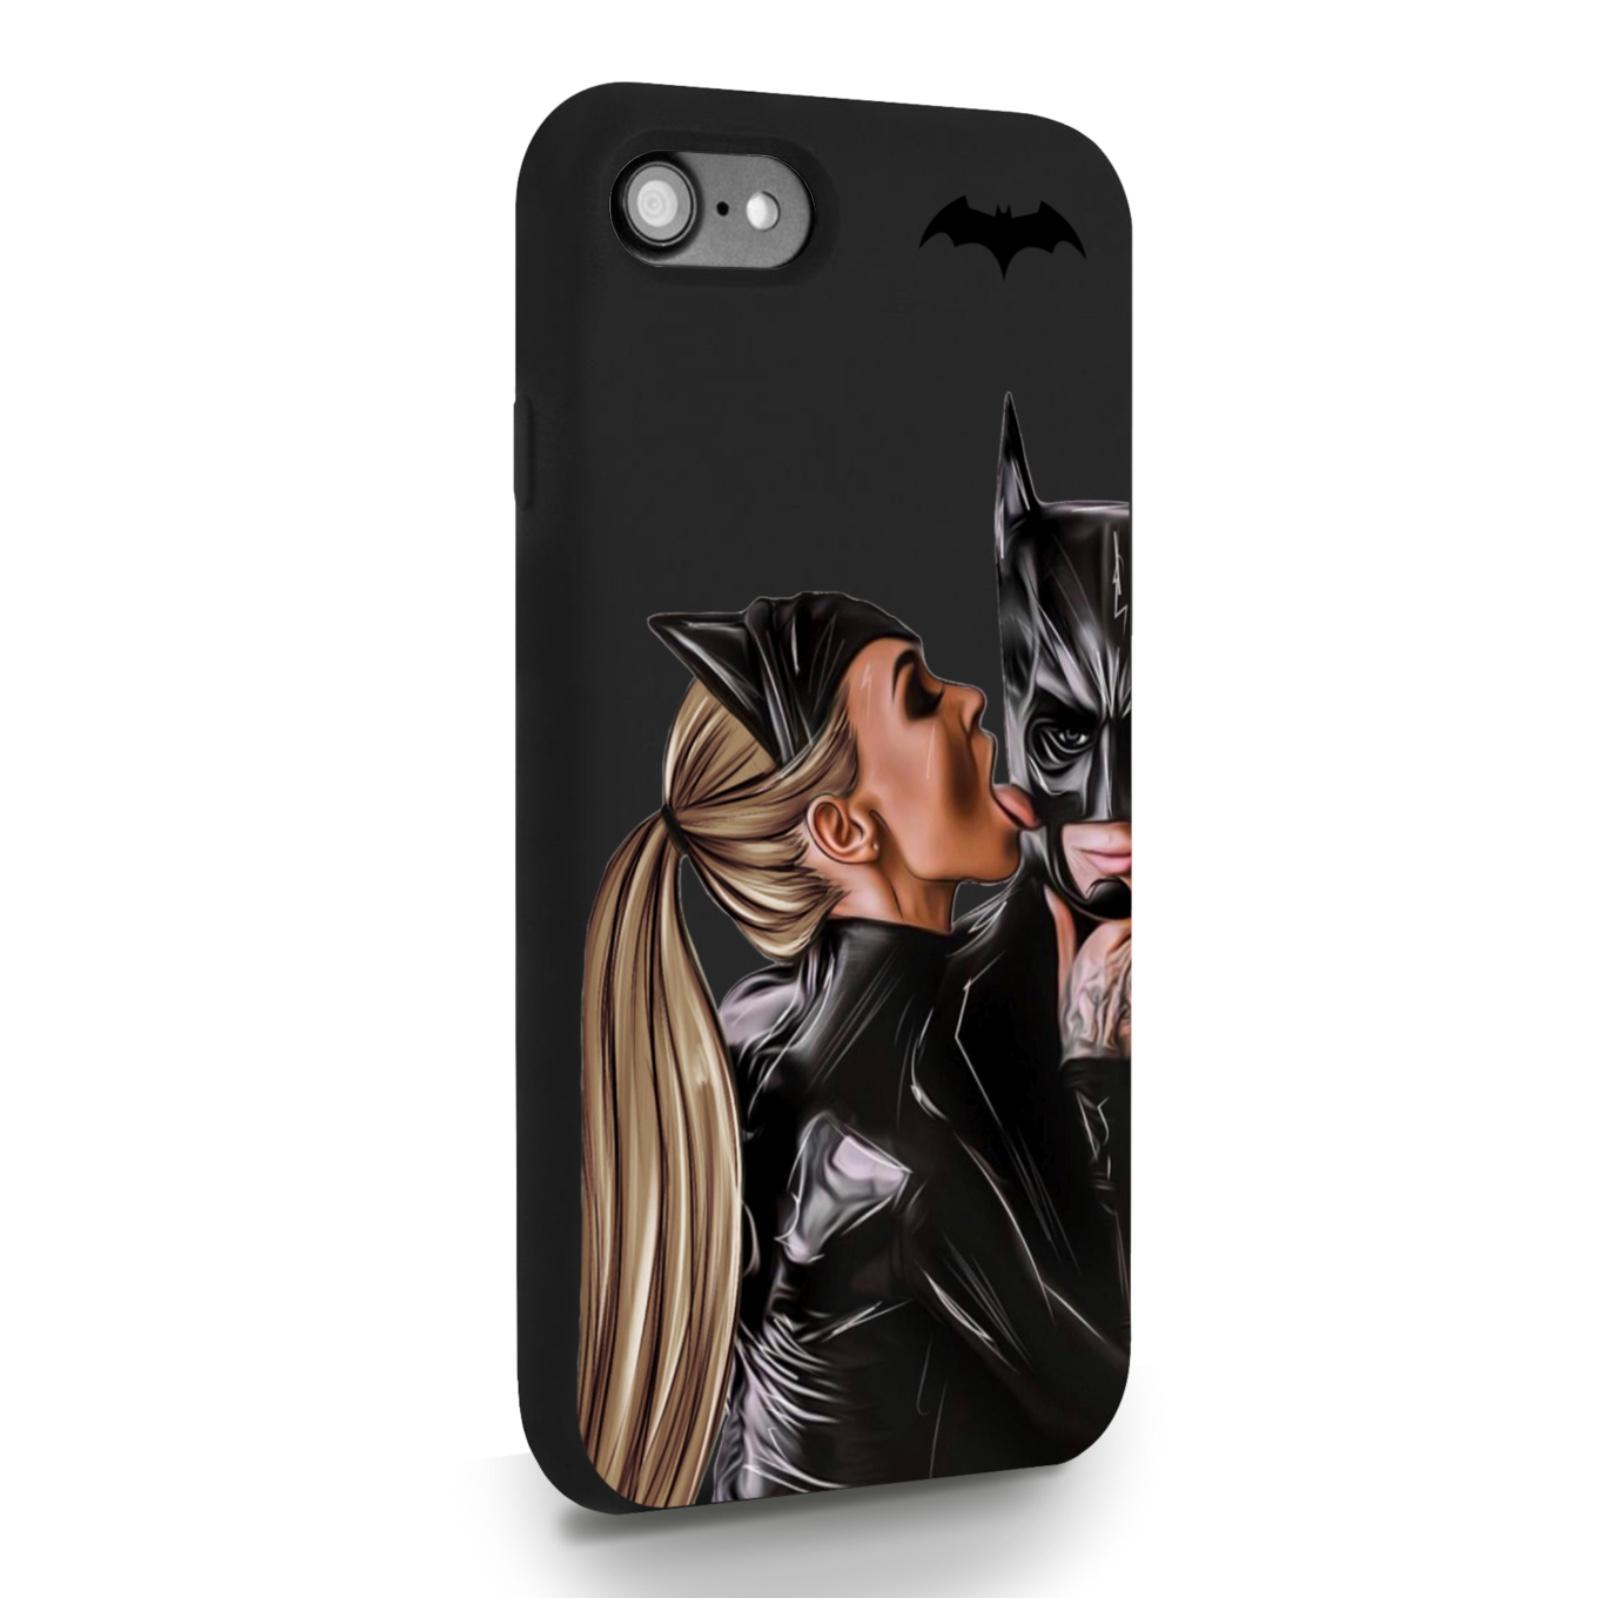 Черный силиконовый чехол для iPhone 7/8/SE2020 Cat Woman/ Женщина-кошка и бэтмен для Айфон 7/8/СЕ2020